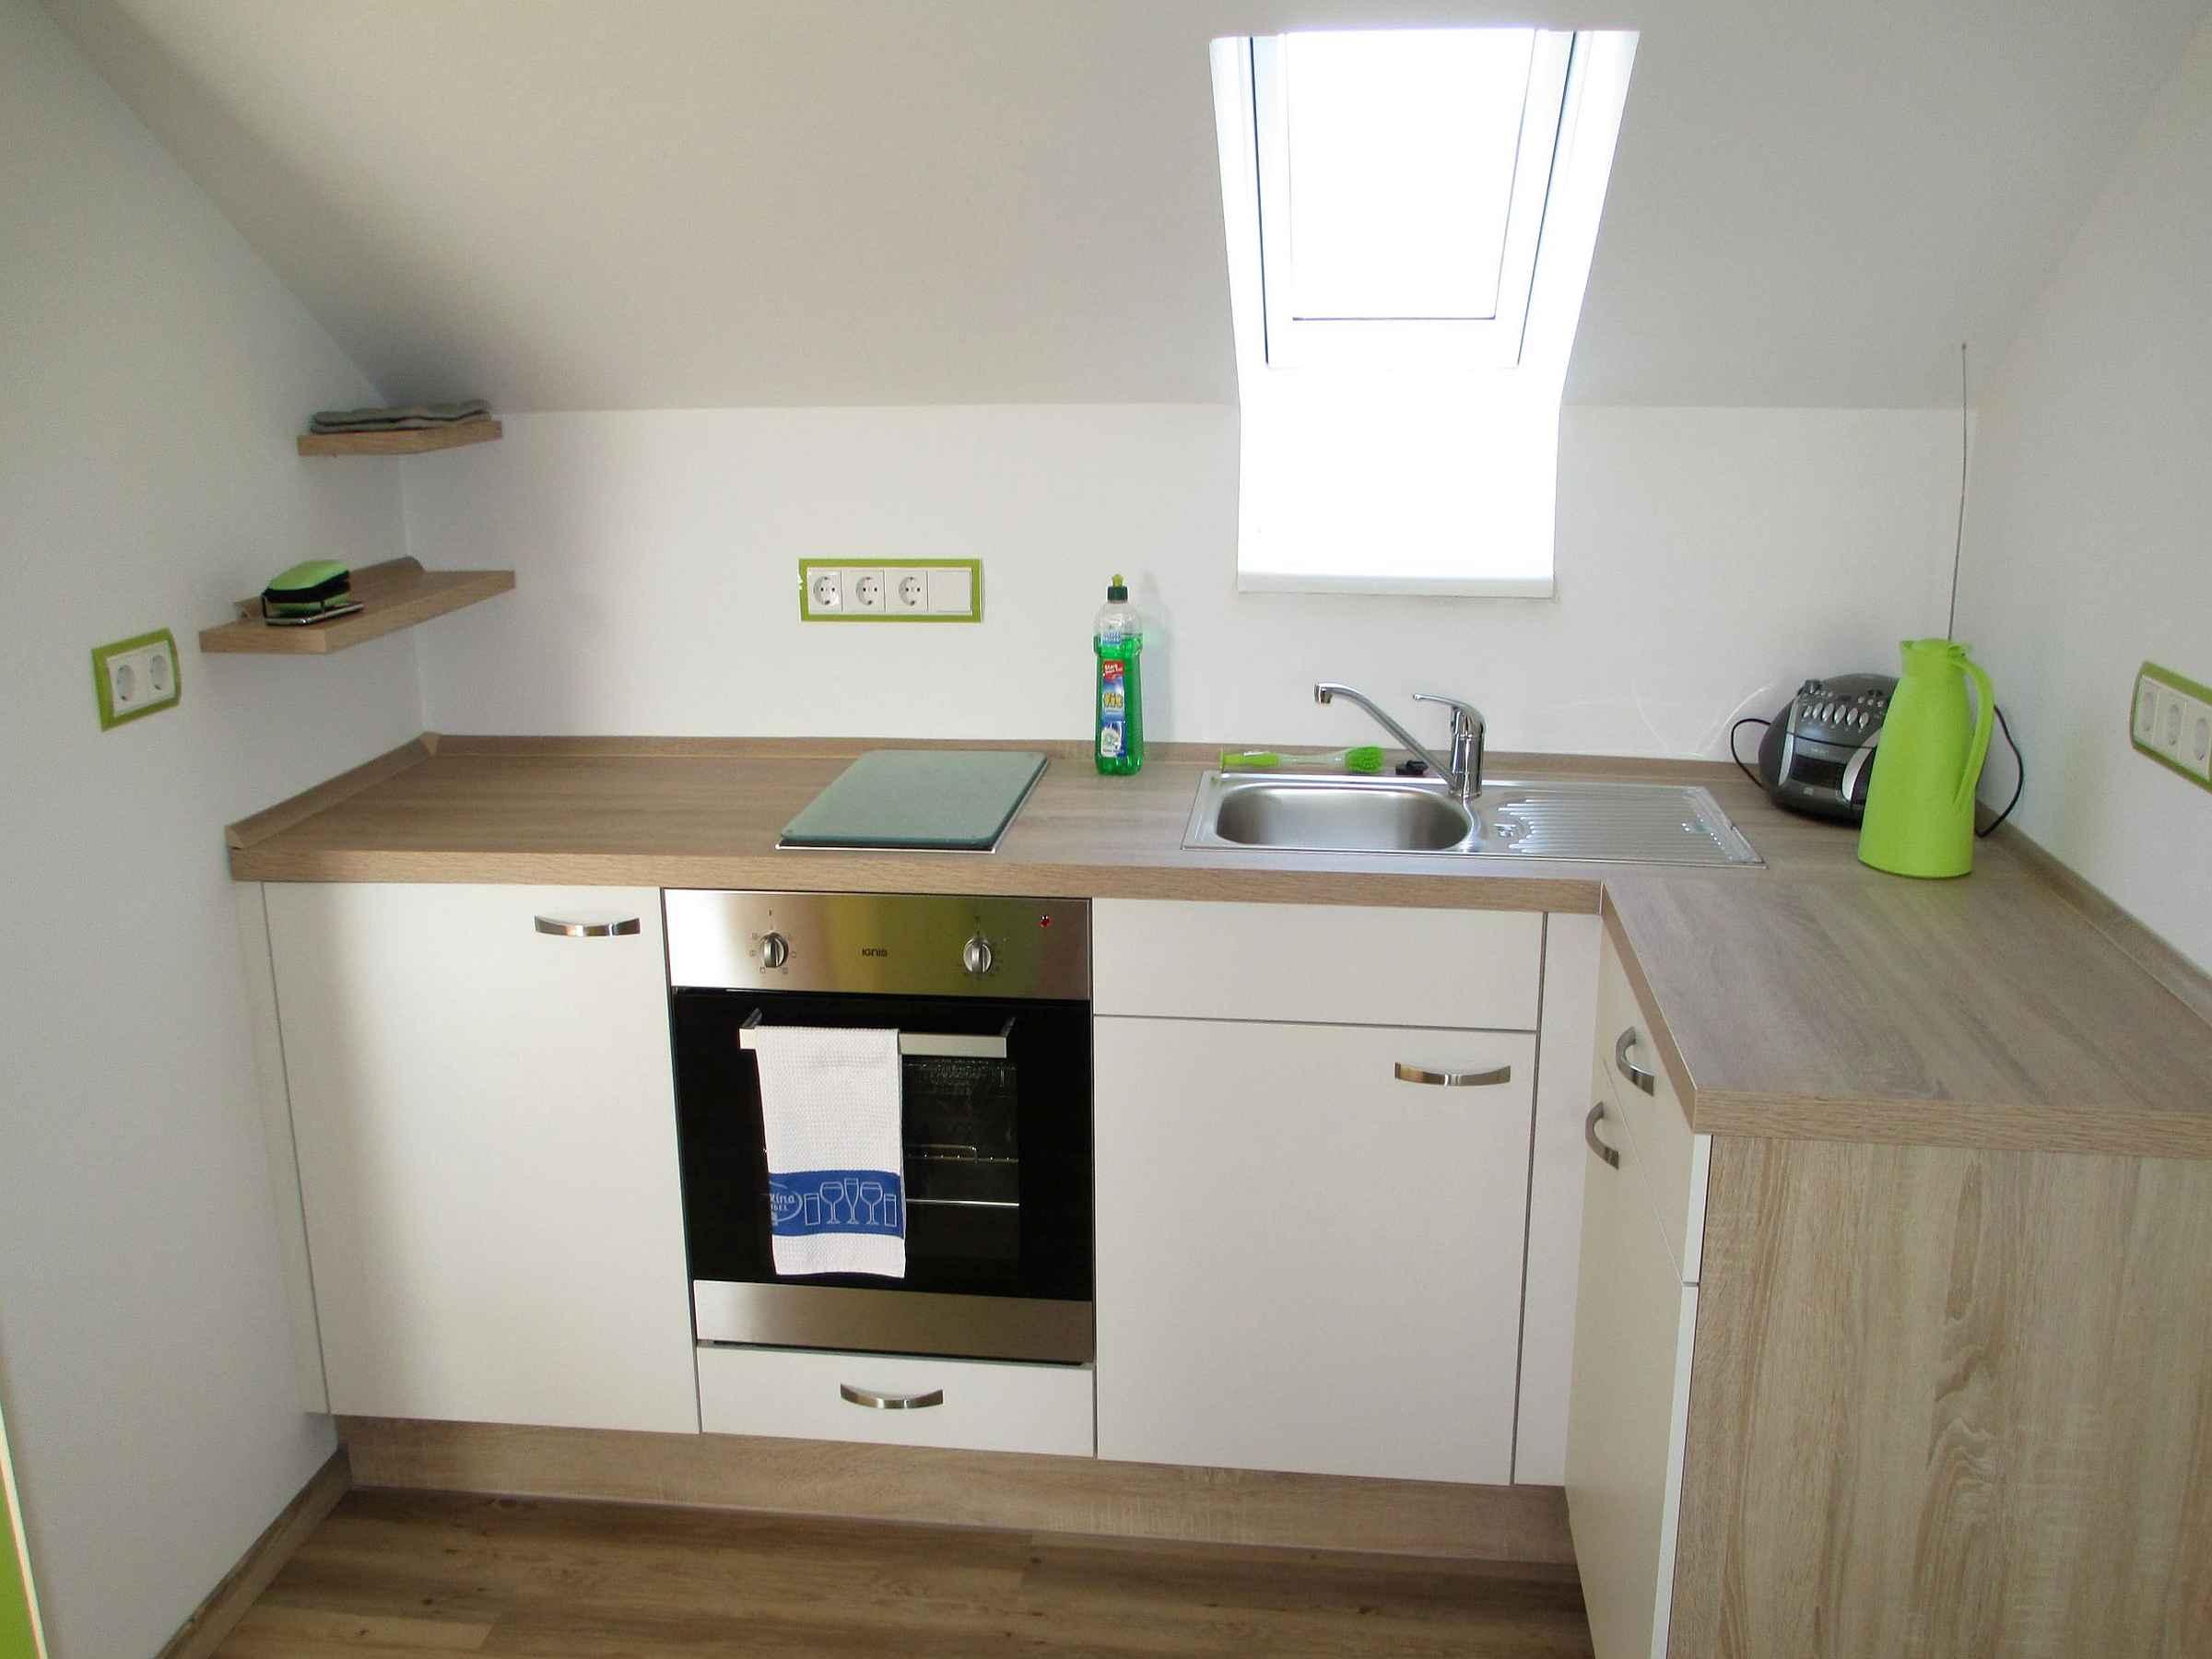 Ferienwohnung hein iphofen ferienwohnung 65qm 1 for Küchenzeile modern